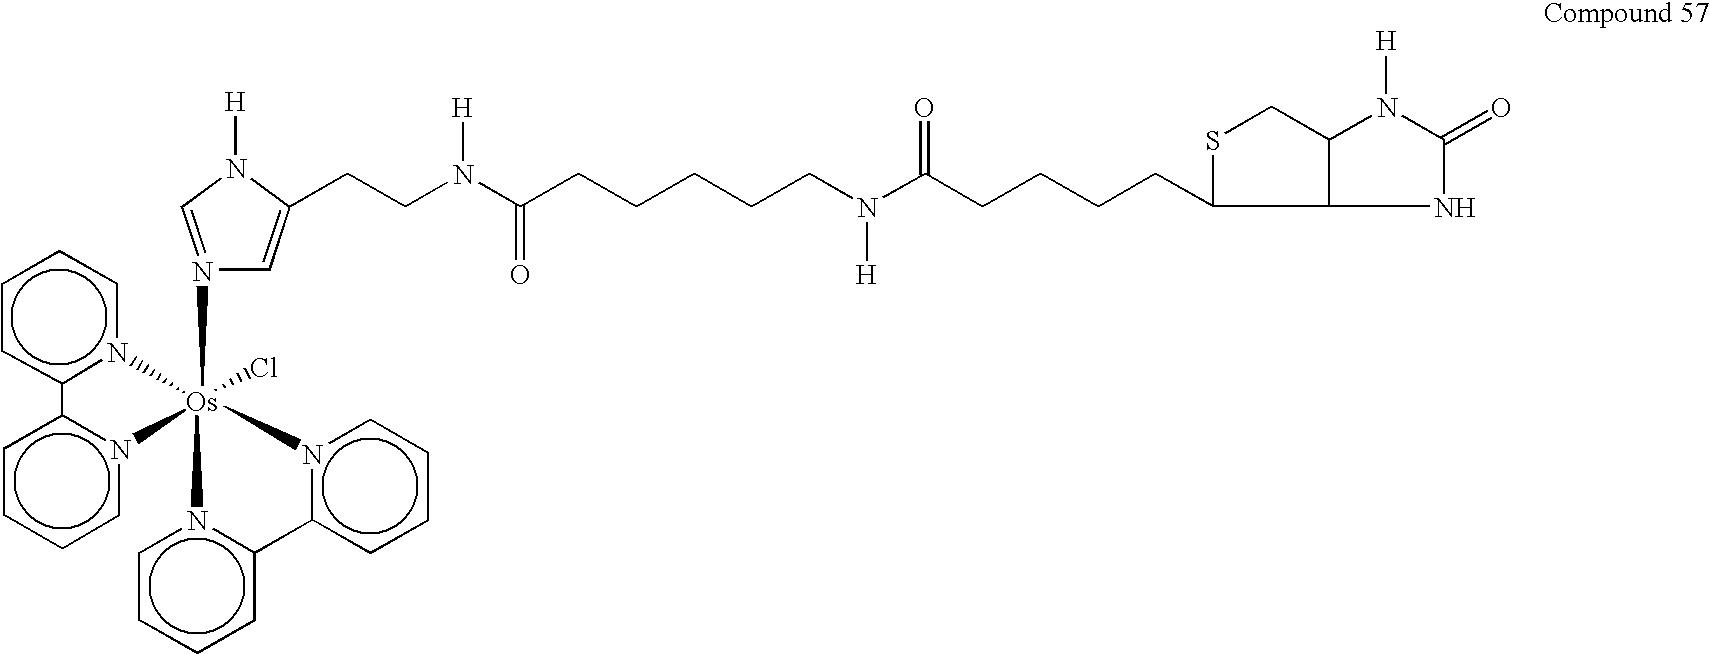 Figure US08288544-20121016-C00009